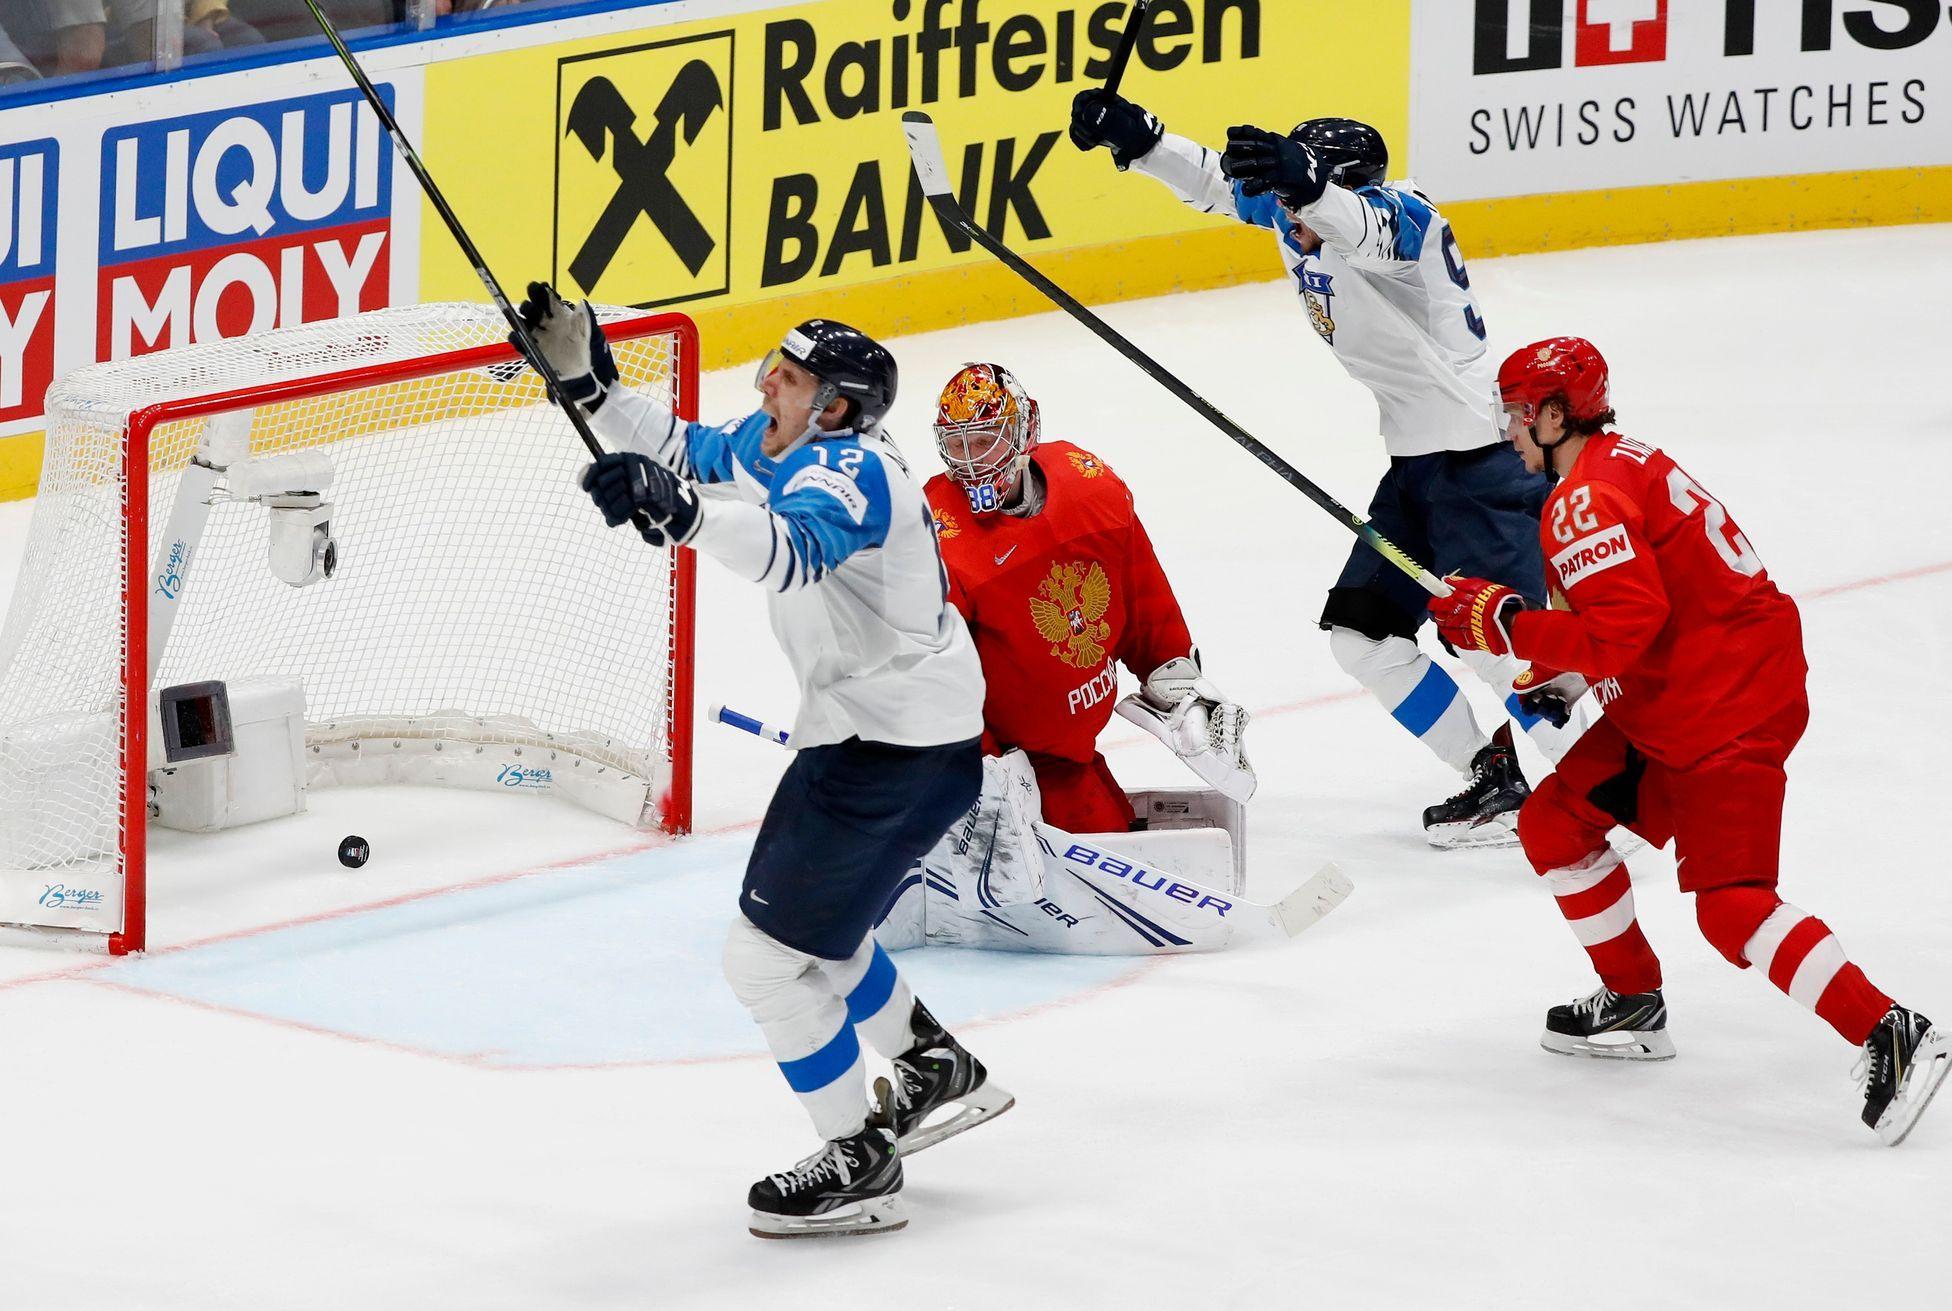 eb7d5a033d6c5 MS v hokeji živě: Sledujte semifinále Rusko - Finsko - Aktuálně.cz